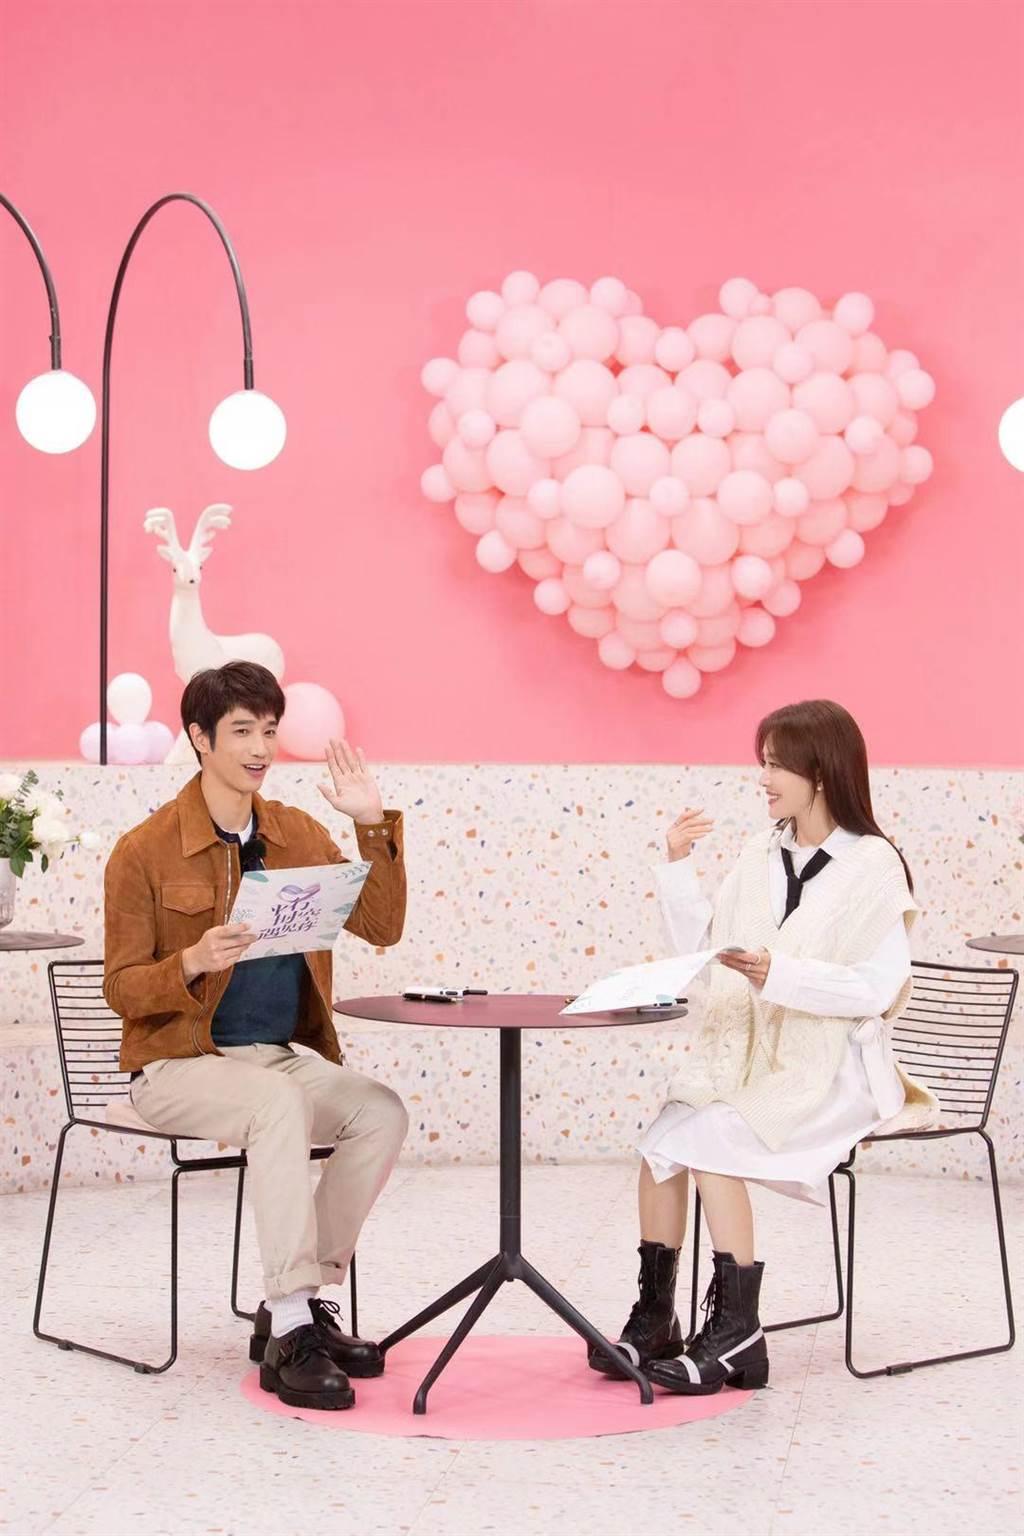 刘以豪宣布加盟大陆综艺真人秀《平行时空遇见你》,与秦岚配对。(刘以豪工作室提供)